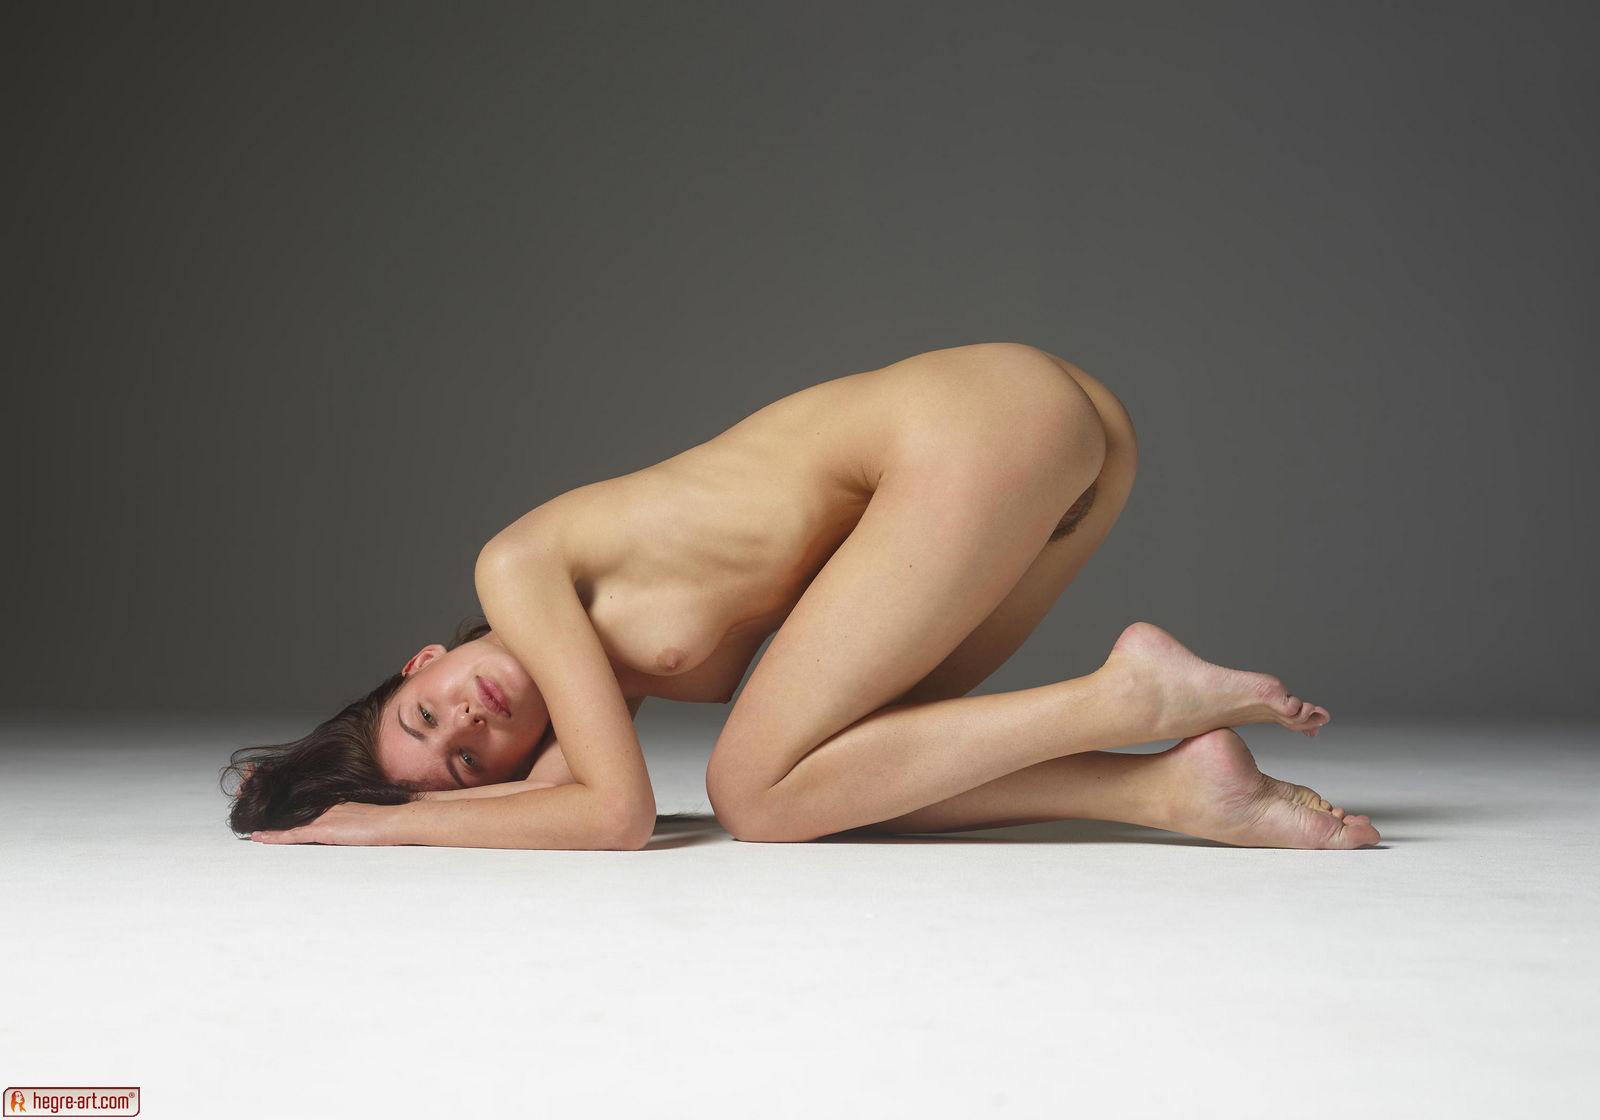 Russian best erotic sites